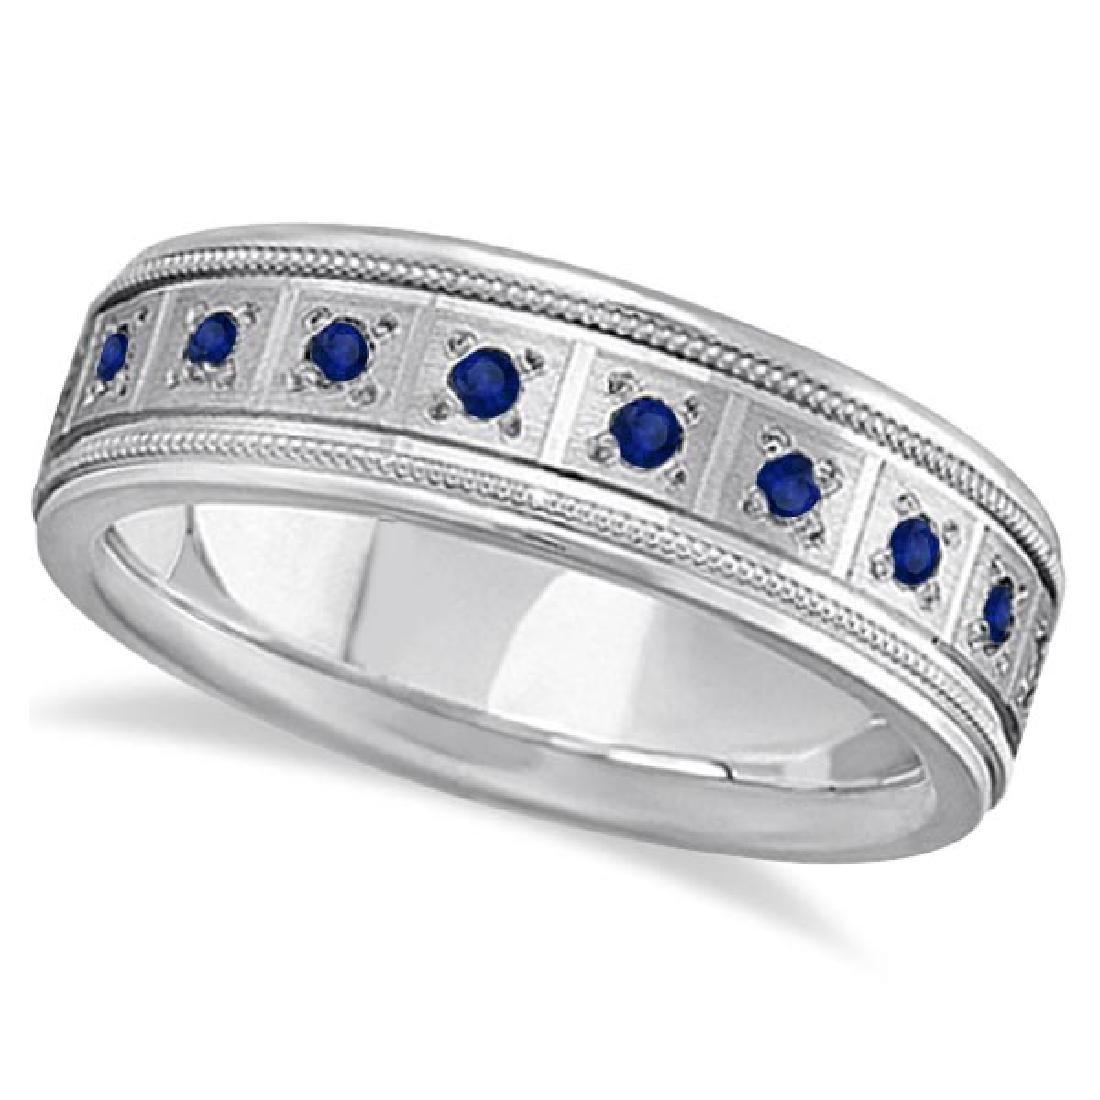 Blue Sapphire Ring for Men Wedding Band 14k White Gold